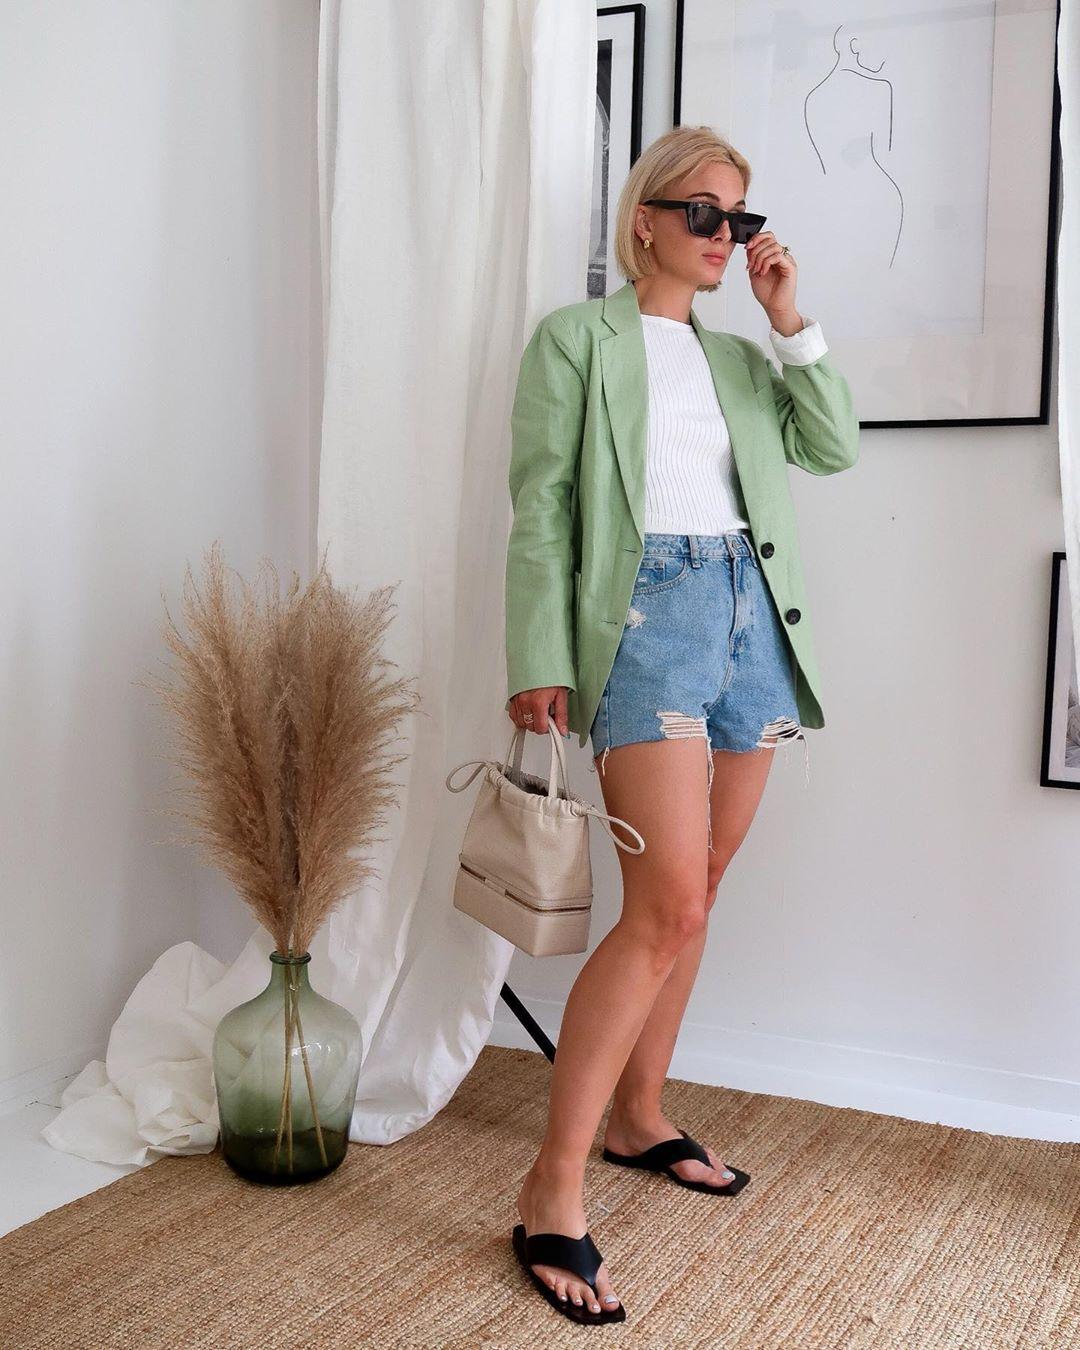 Cô gái mặc short jeans, blazer xanh lá, mang dép nữ xỏ ngón màu đen